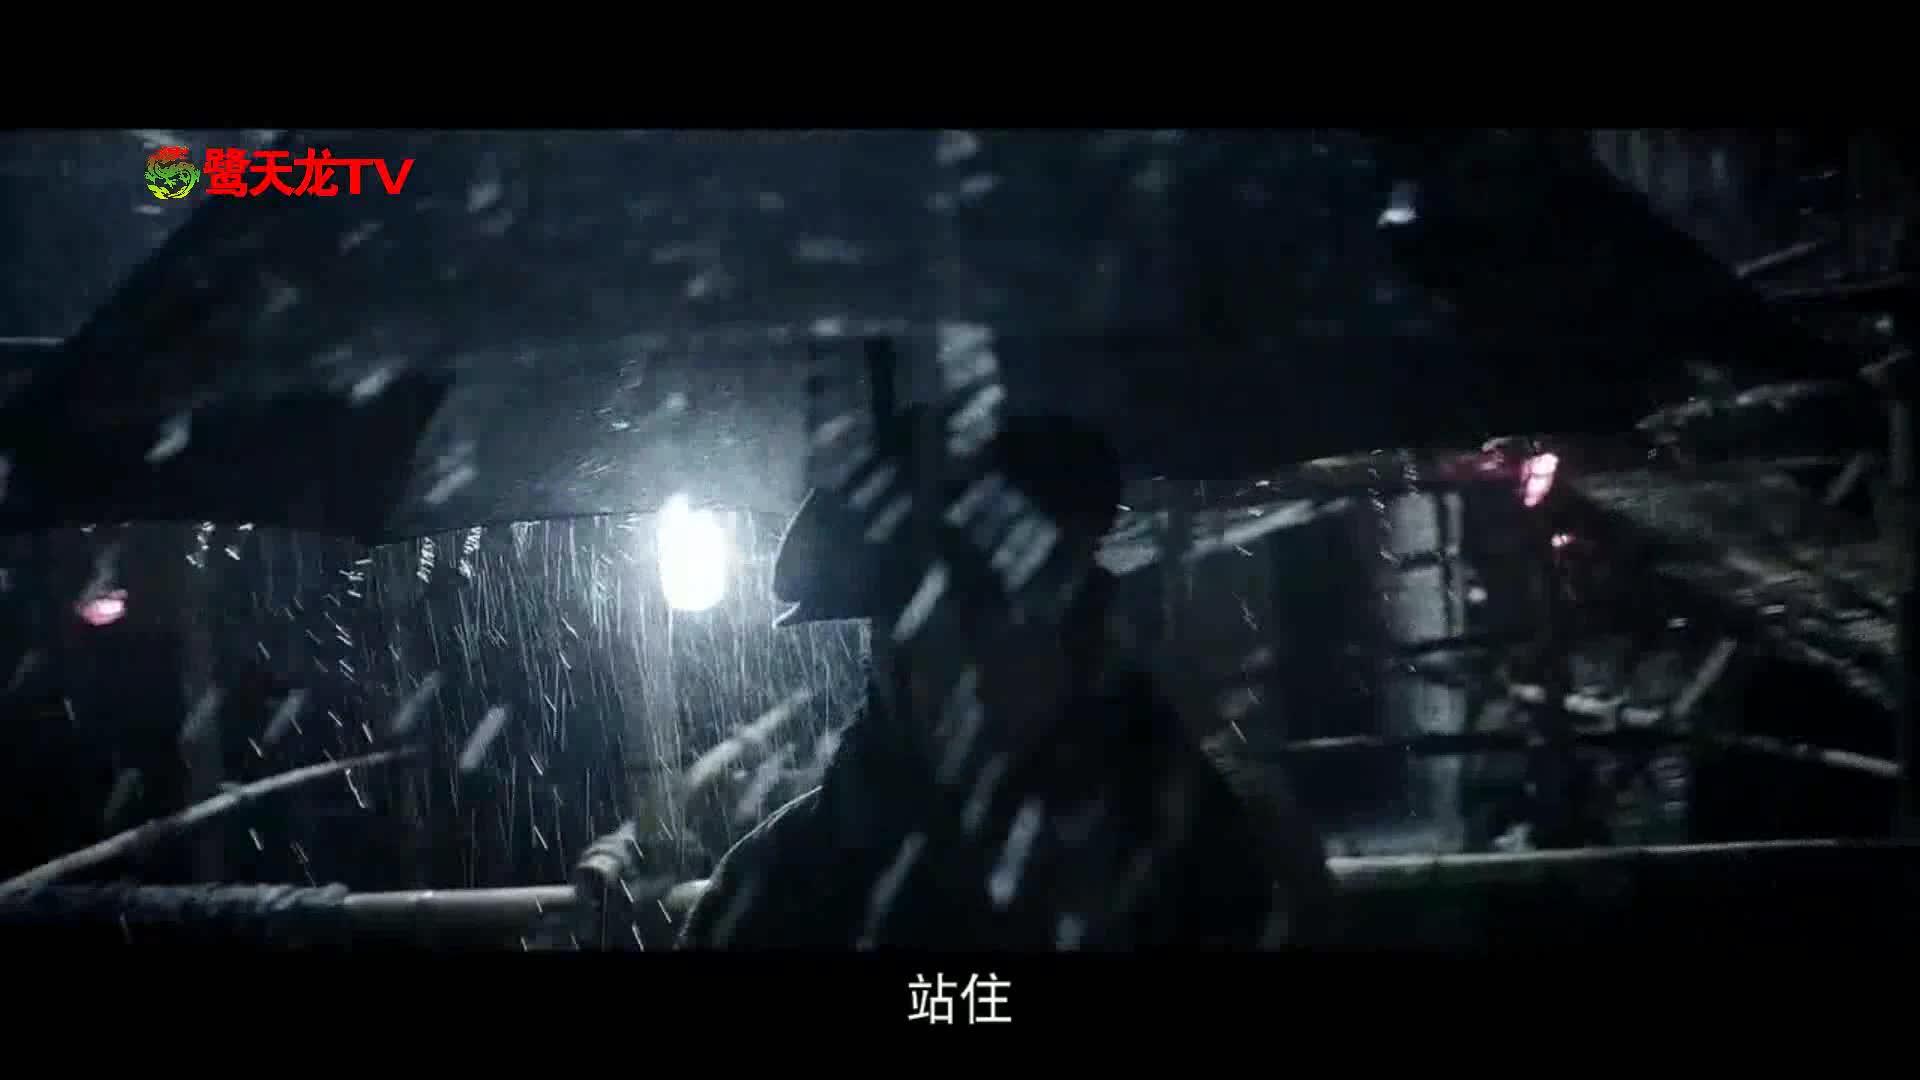 《密战》先导预告 赵丽颖张翰演绎生死暗战